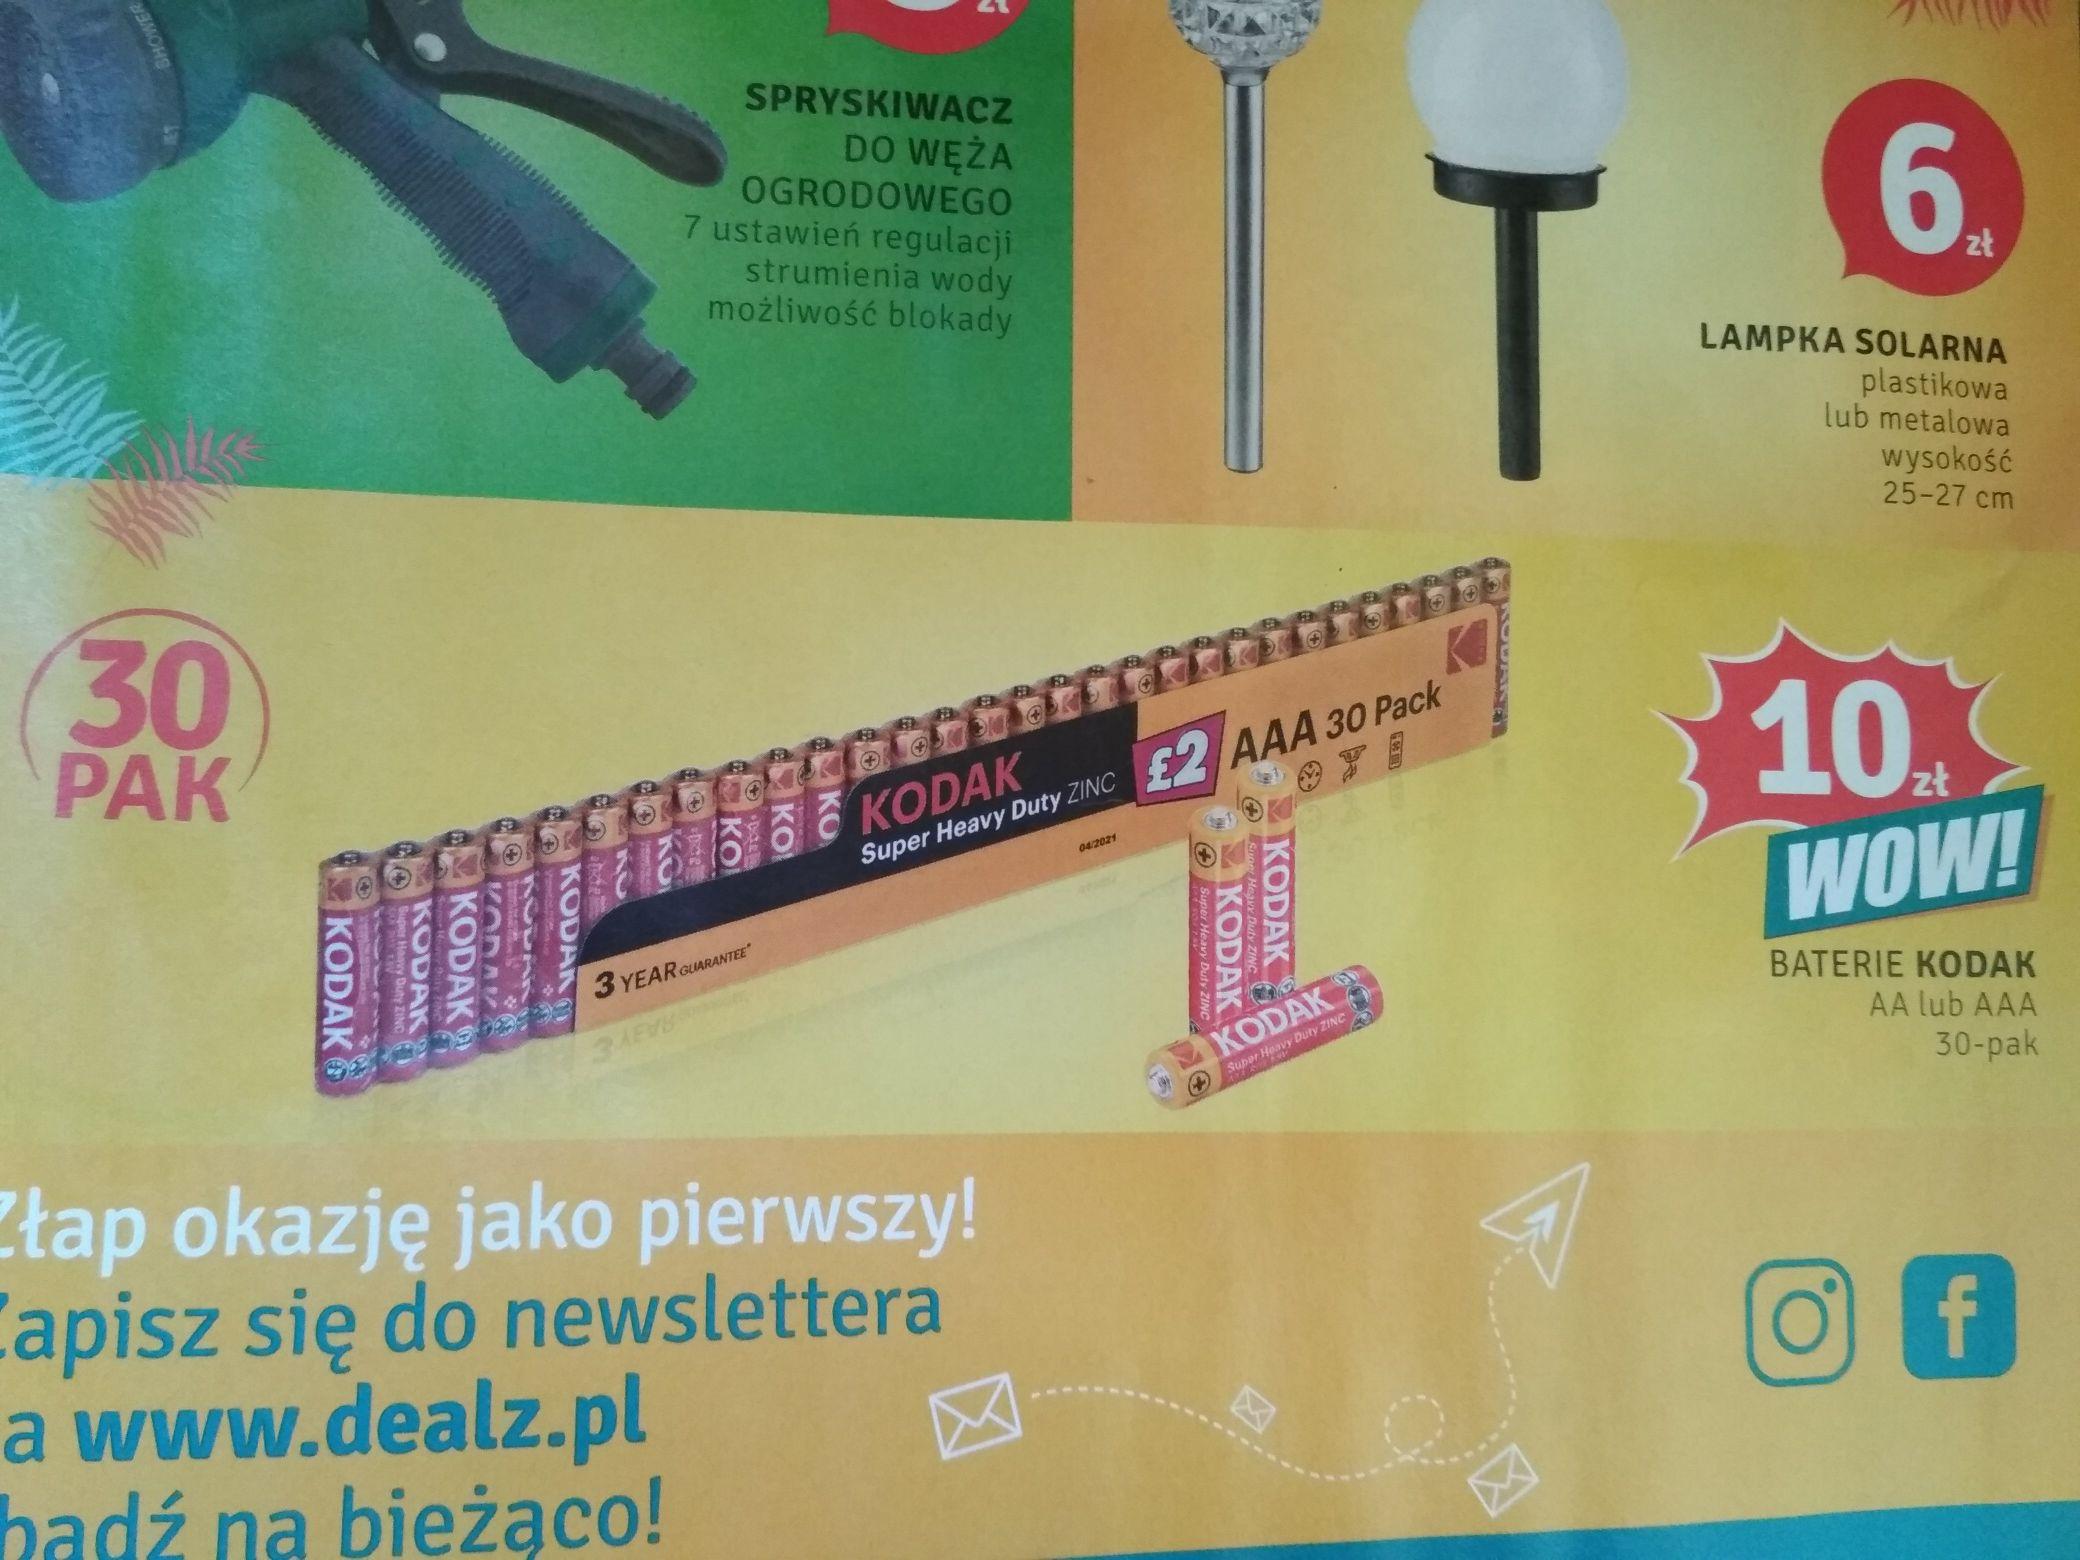 Baterie Kodak Super Heavy Duty 30-pak AAA lub AA @Dealz